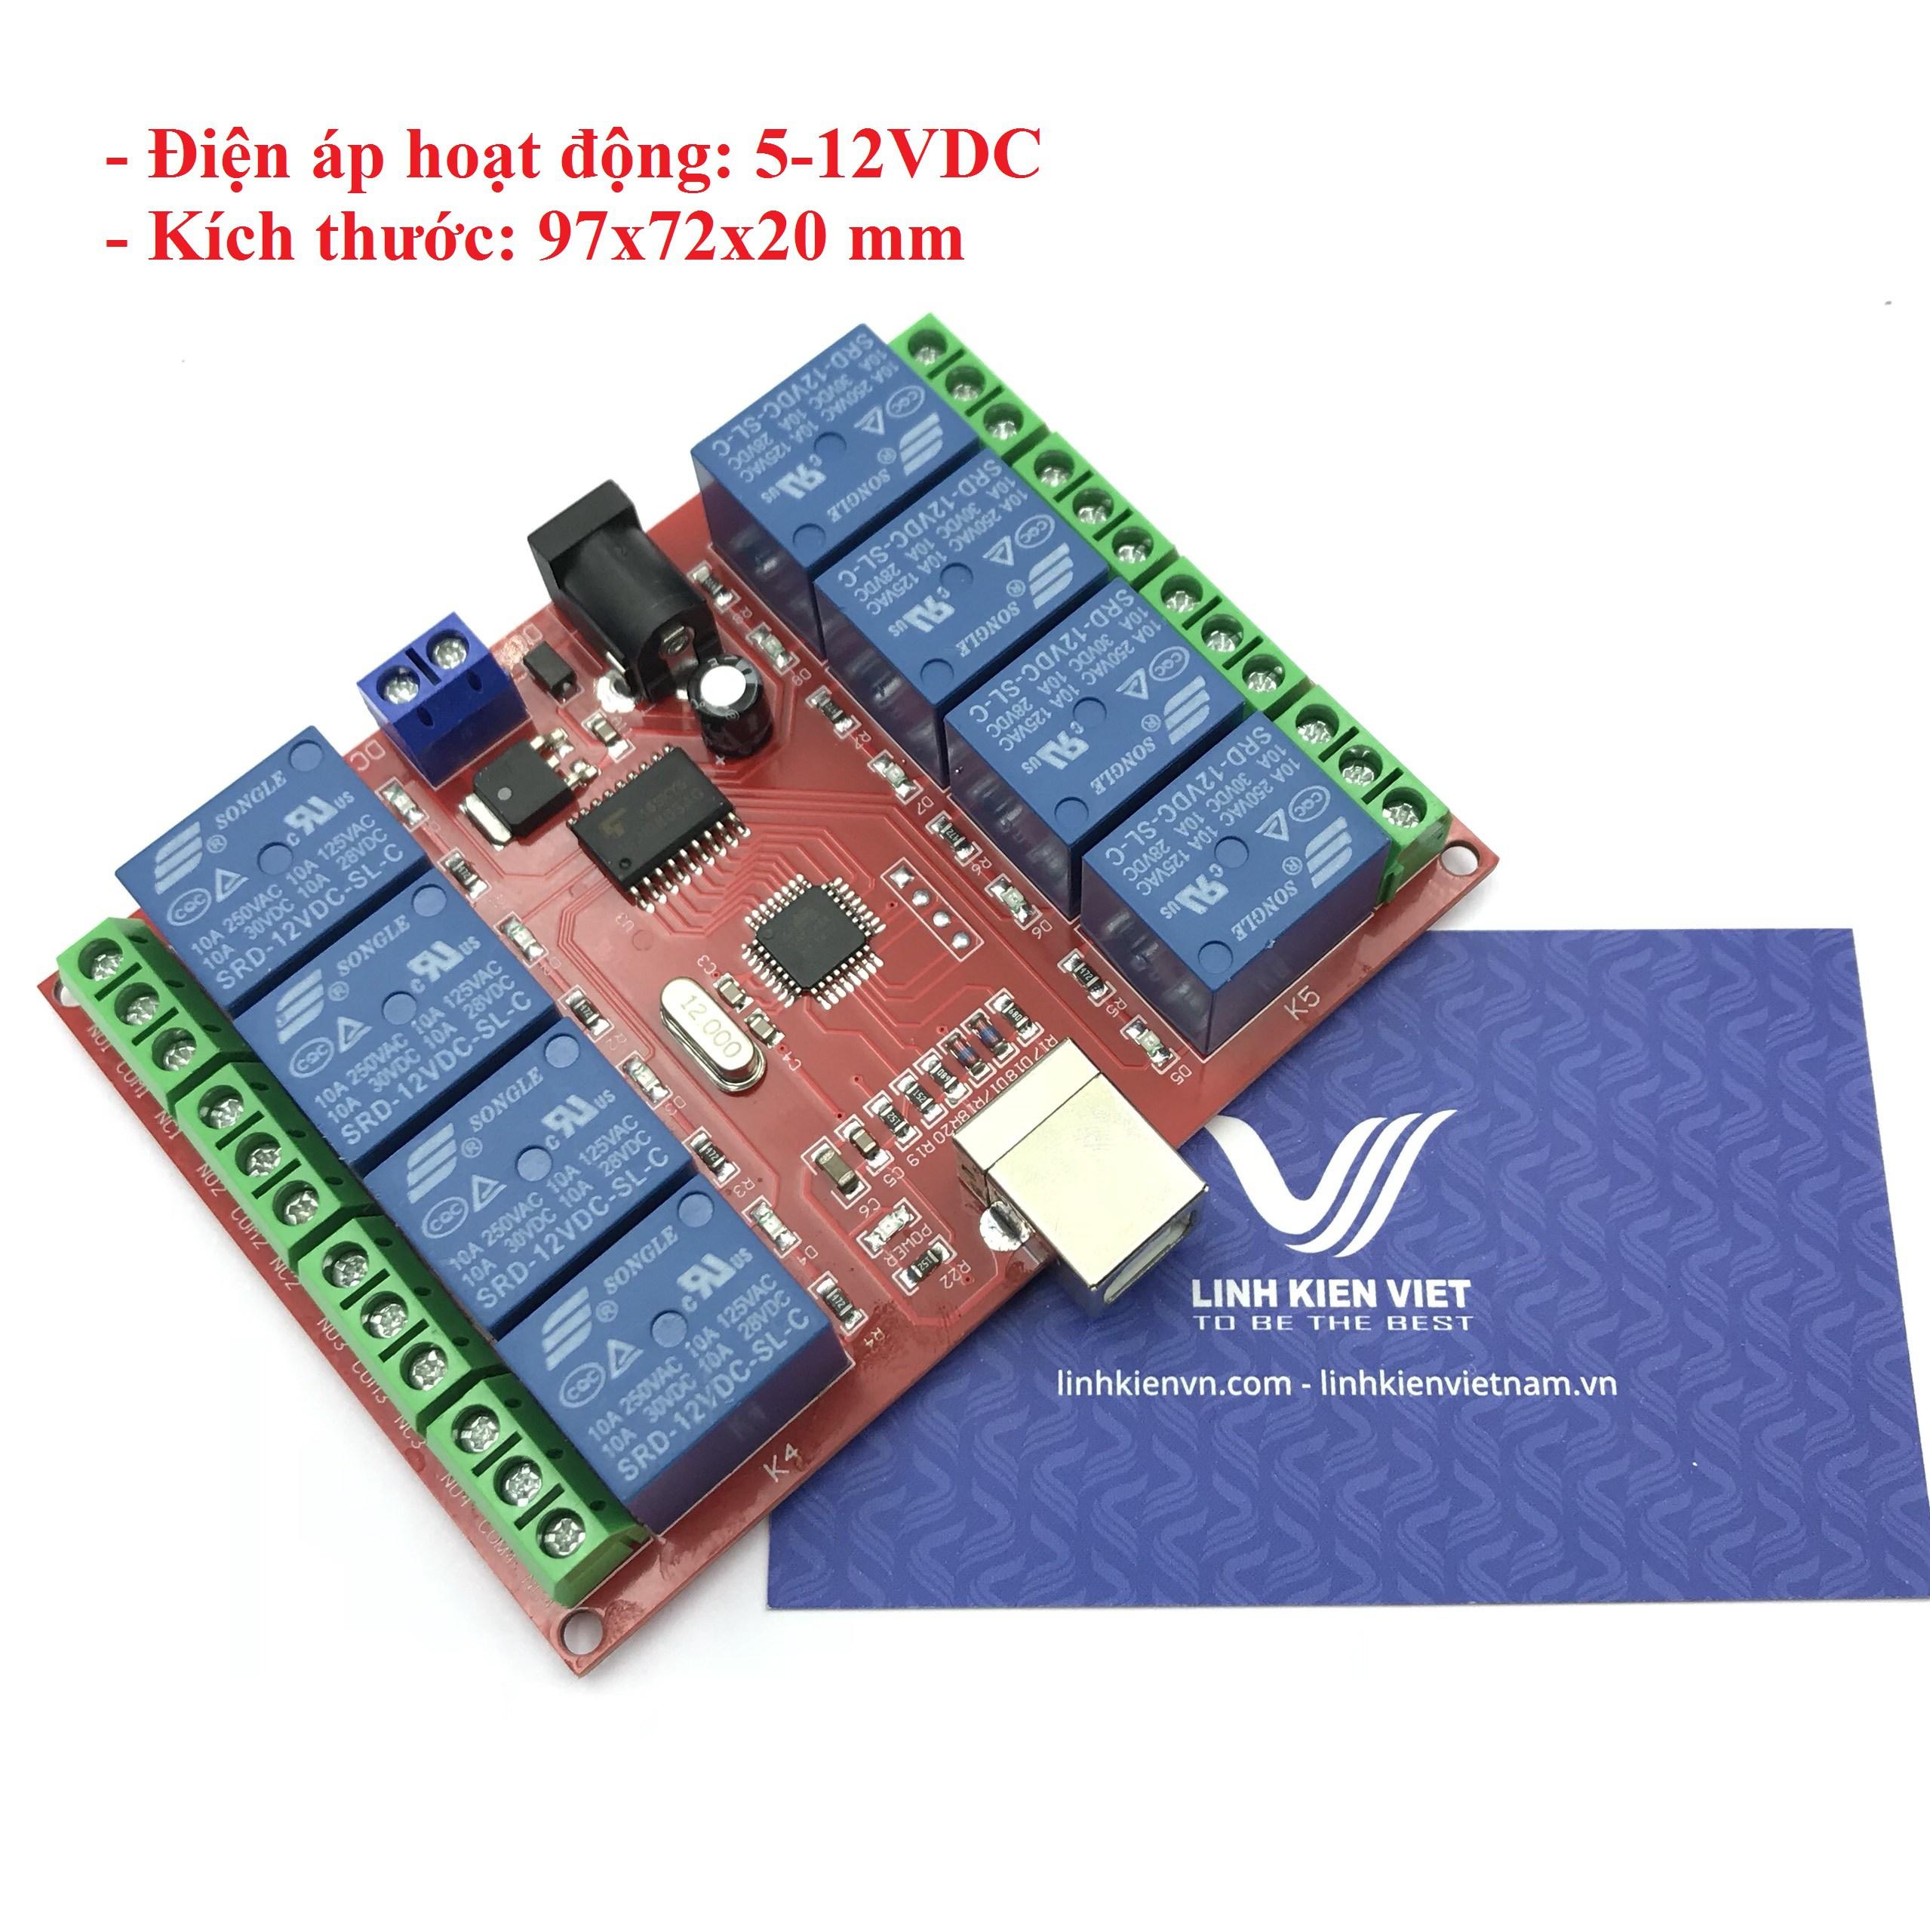 Module Relay 8 kênh 12V Bật Tắt Qua Cổng USB - I2H8